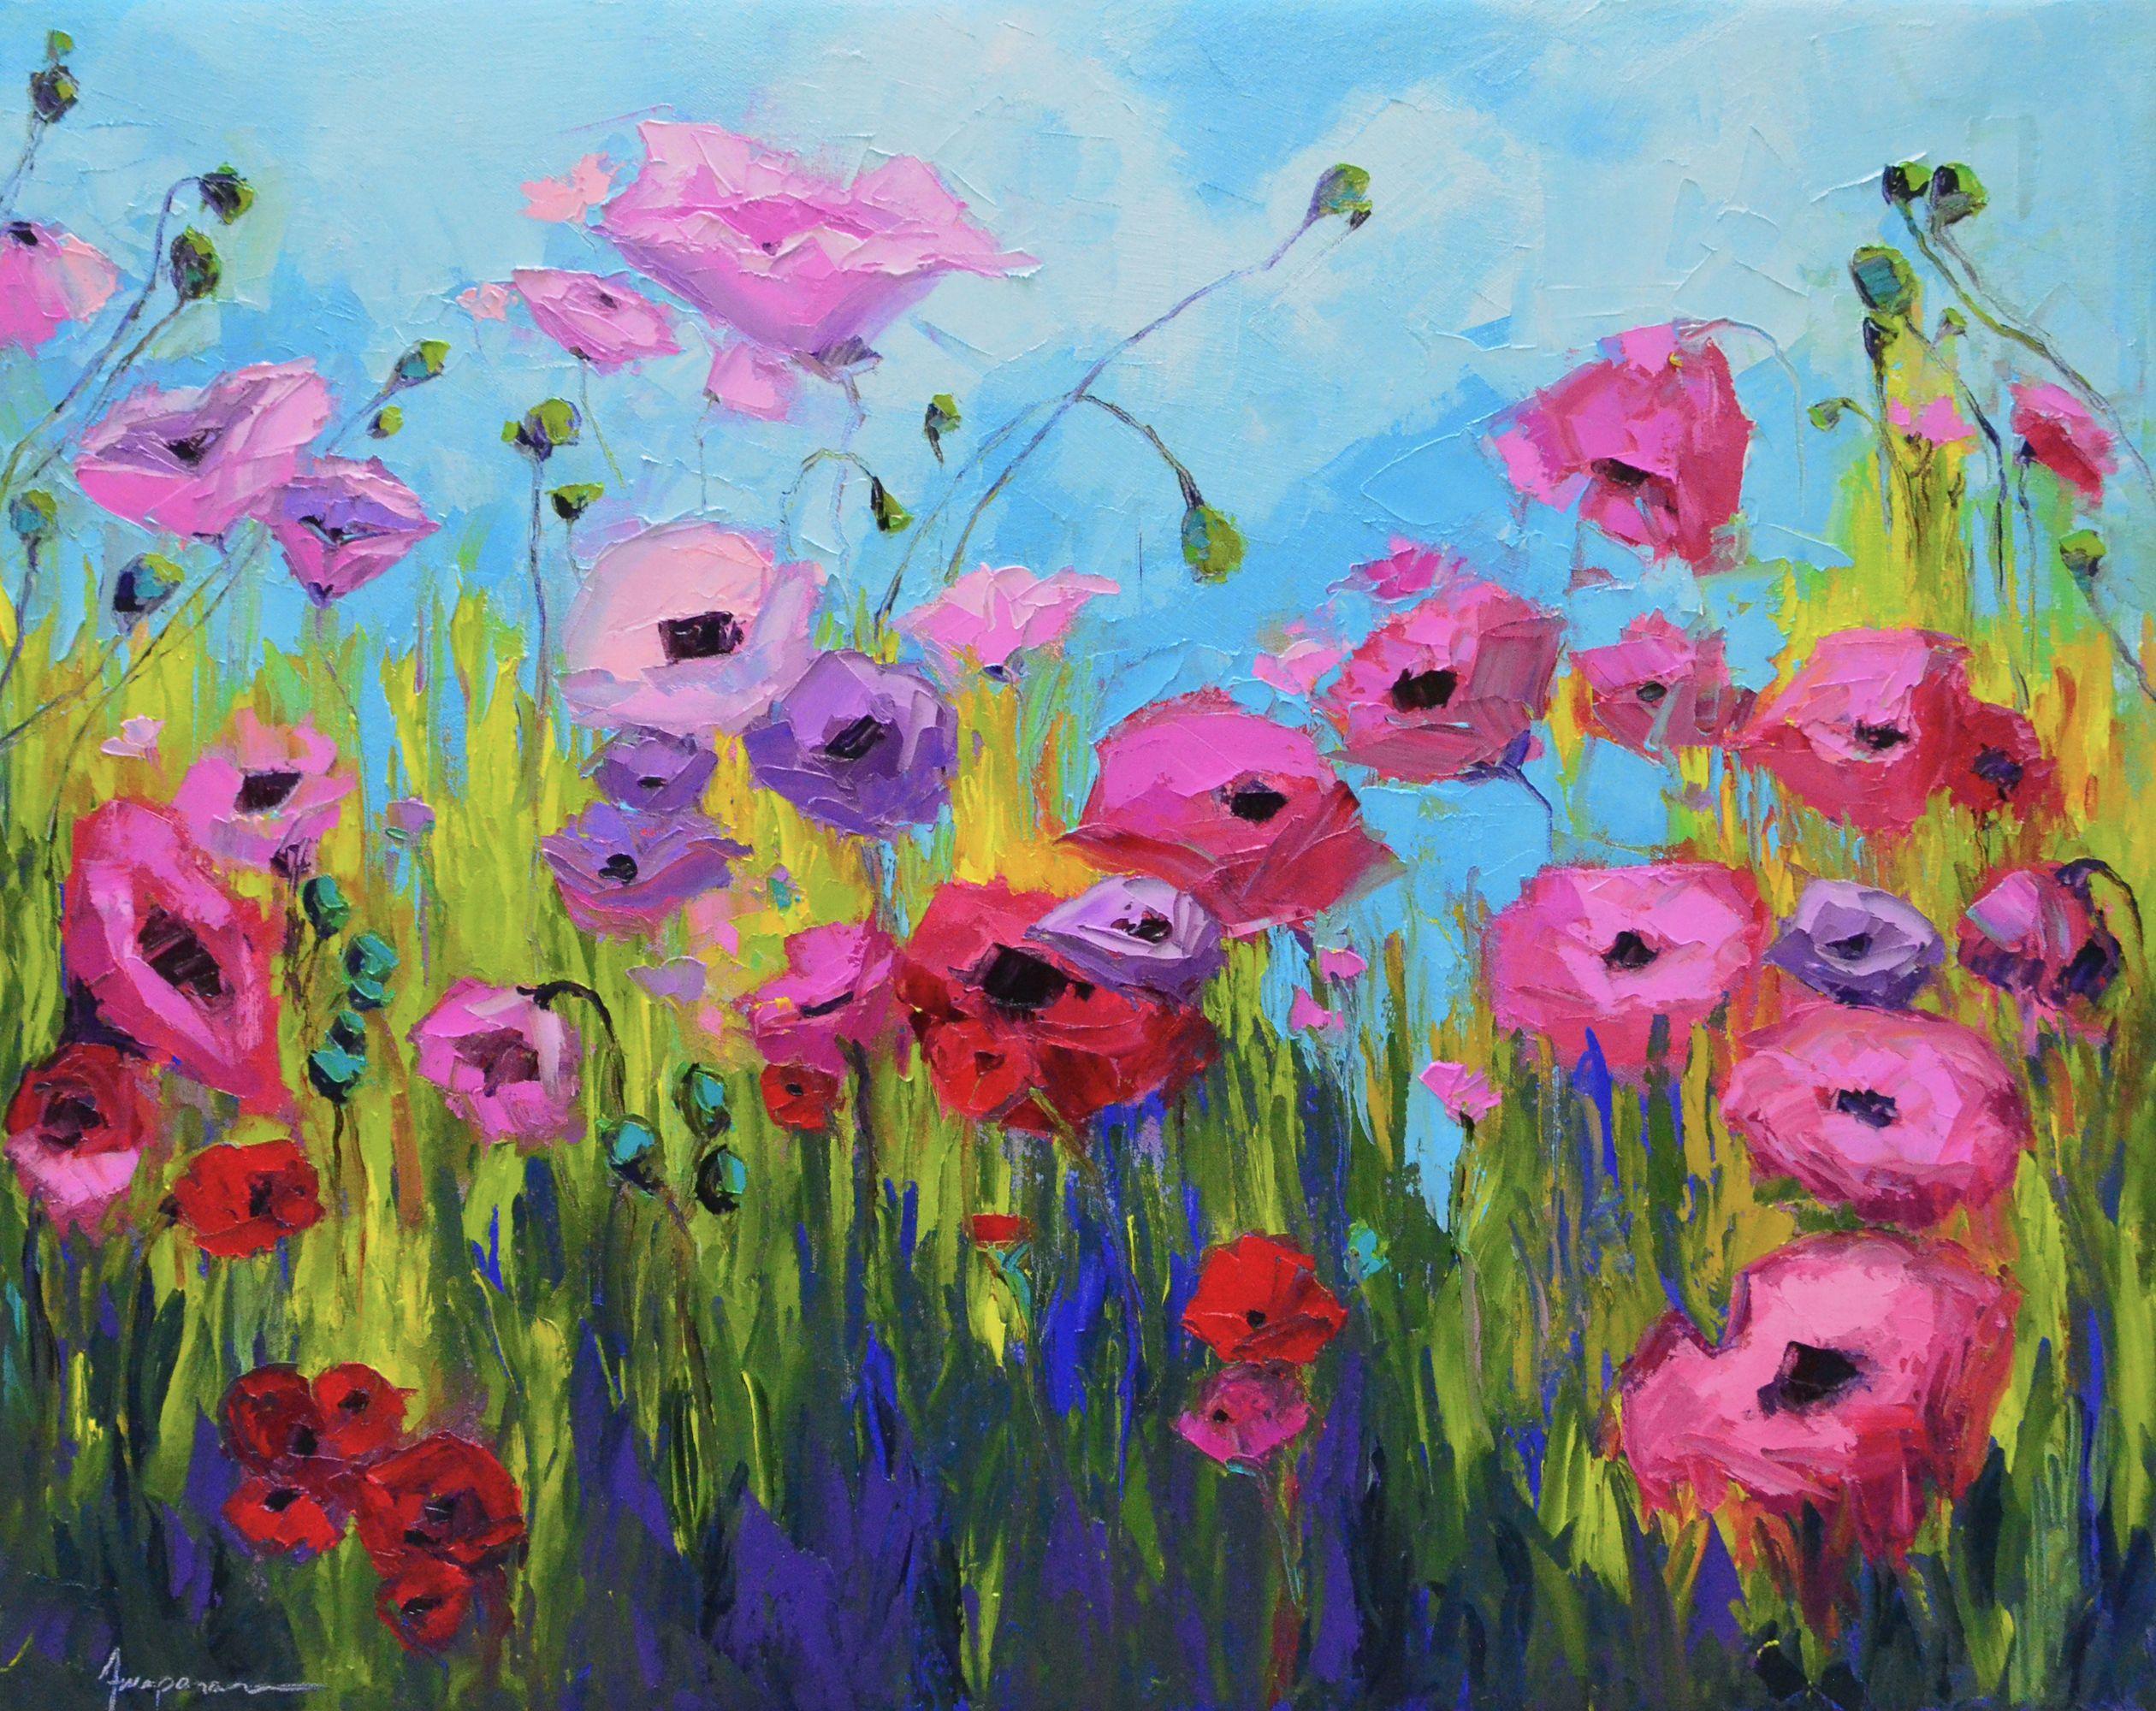 Pink Poppy Flower Field Oil Painting 30x24 A Joyful Scene Of